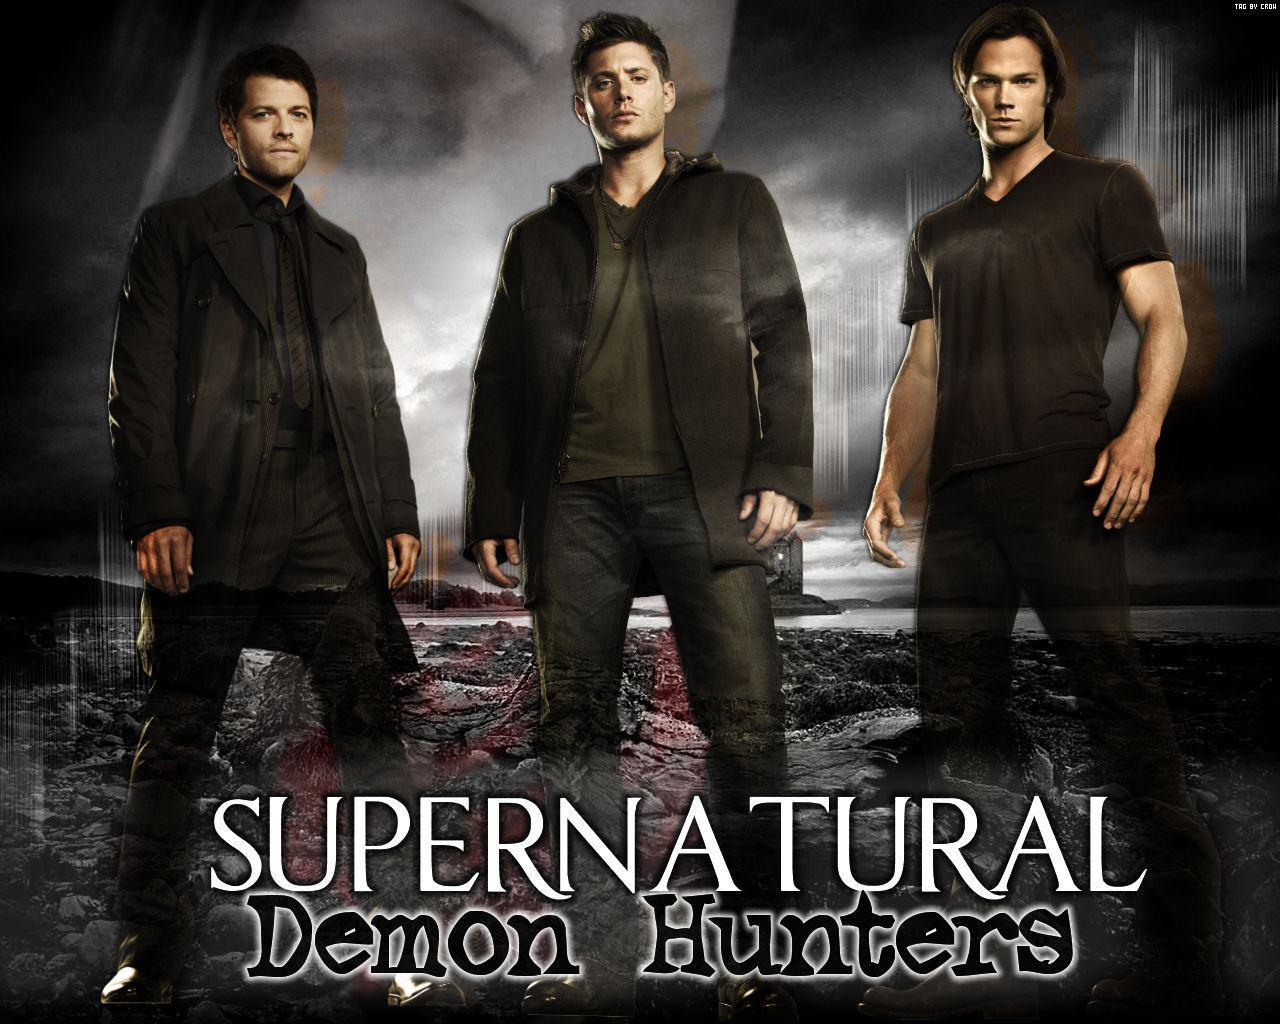 http://2.bp.blogspot.com/-TdxNPiLLTOA/TlWLk6h1zfI/AAAAAAAAAq0/qyy5xpUKX-g/s1600/Demon-Hunters-supernatural-20888316-1280-1024.jpg